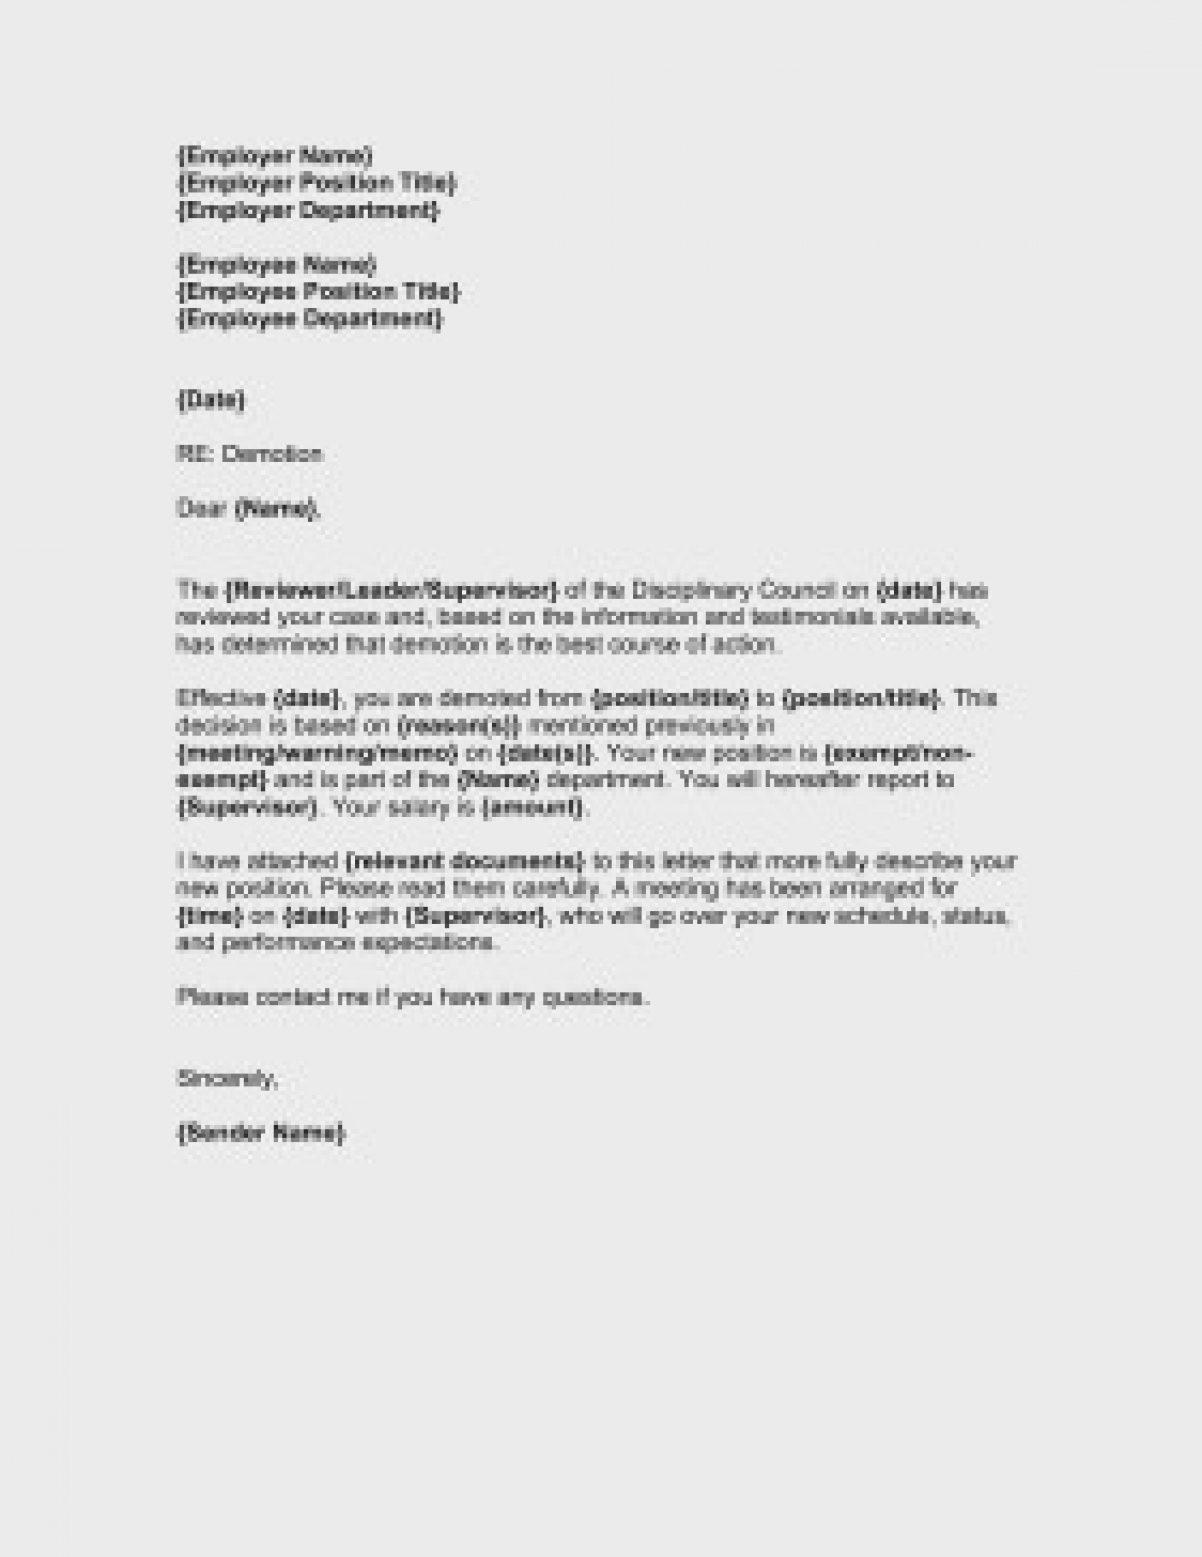 Demotion Letter Sample Of Kitchen Business Form Template Intended For Business Form Templates